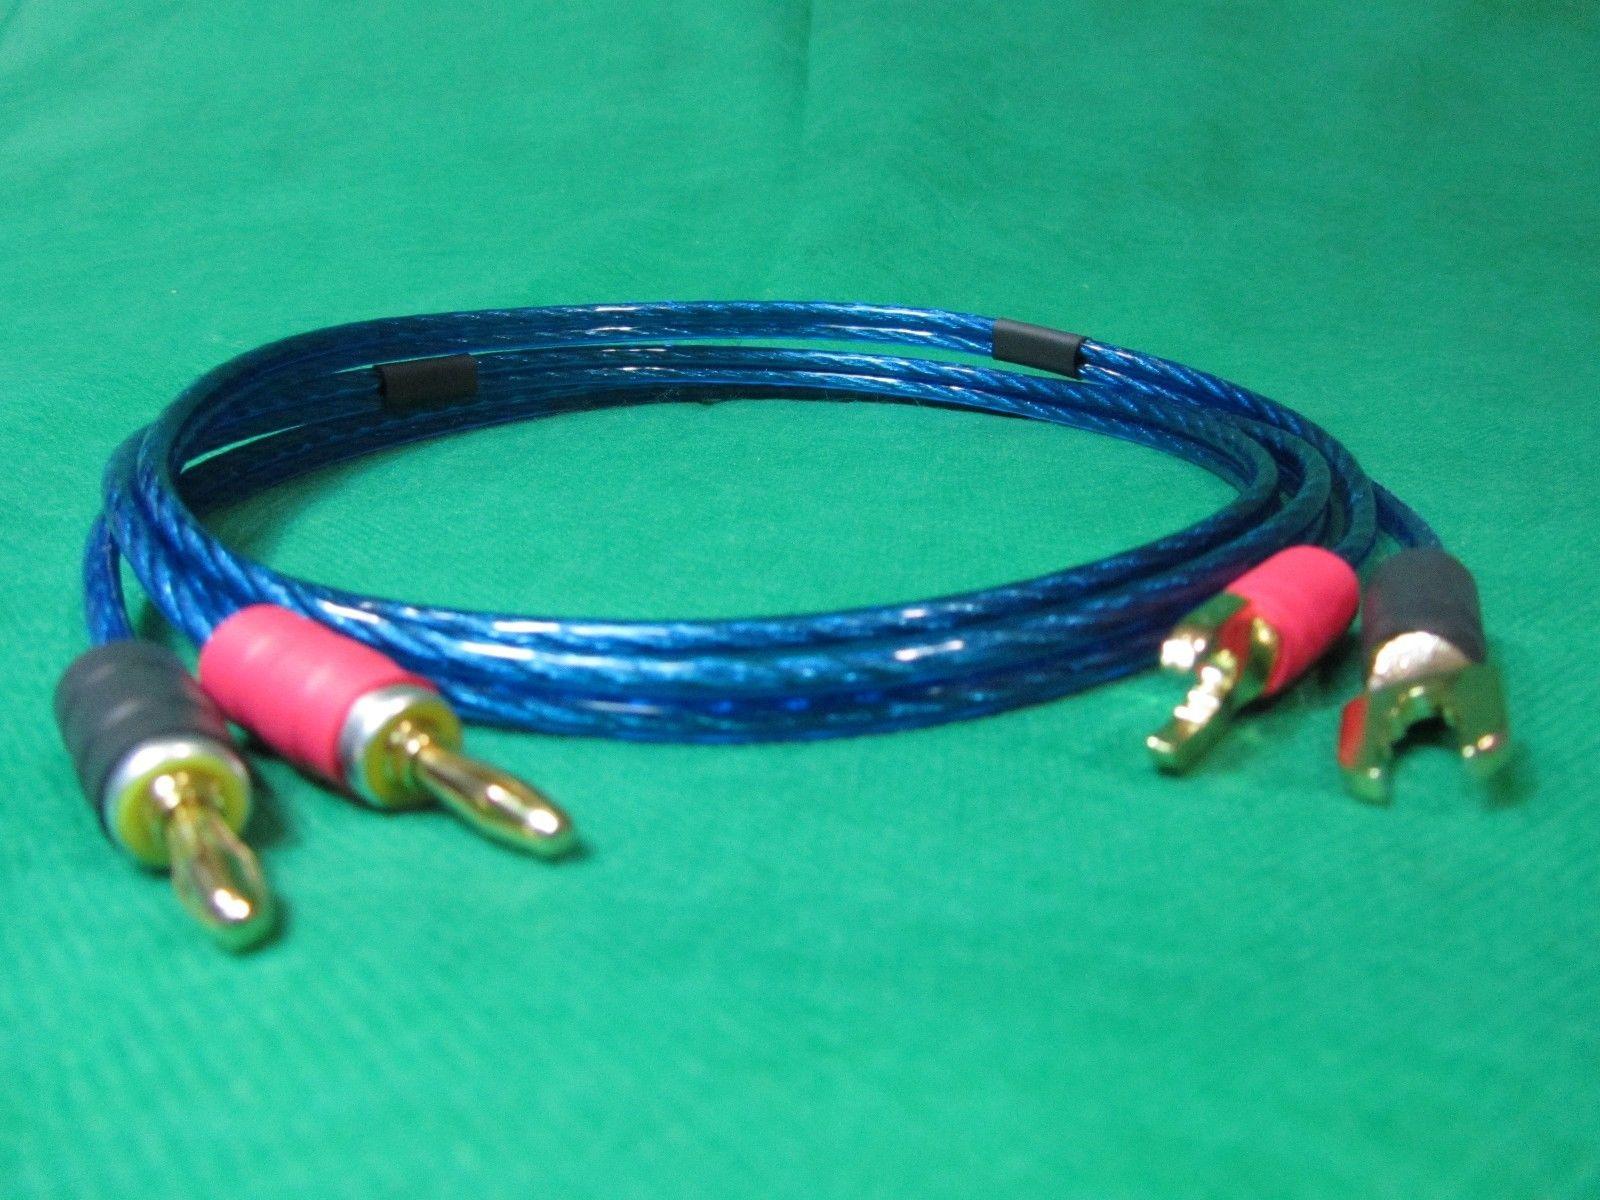 Schön 12 2 Gauge Wire Galerie - Schaltplan Serie Circuit Collection ...